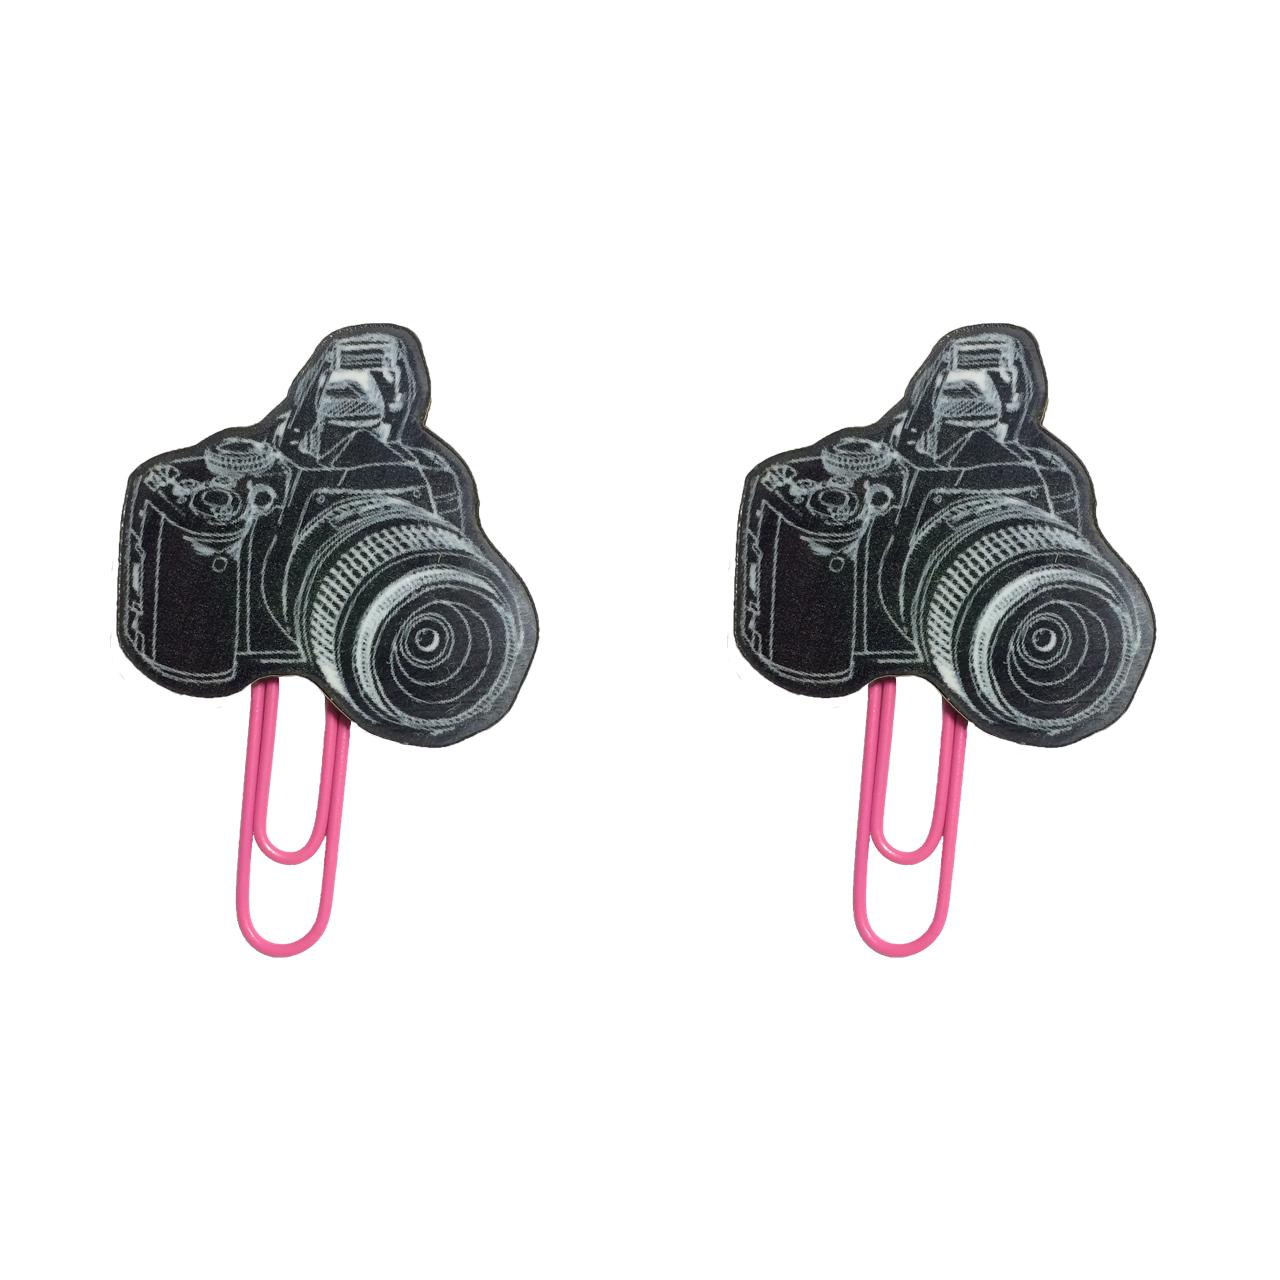 گیره کاغذ طرح دوربین بسته 2 عددی